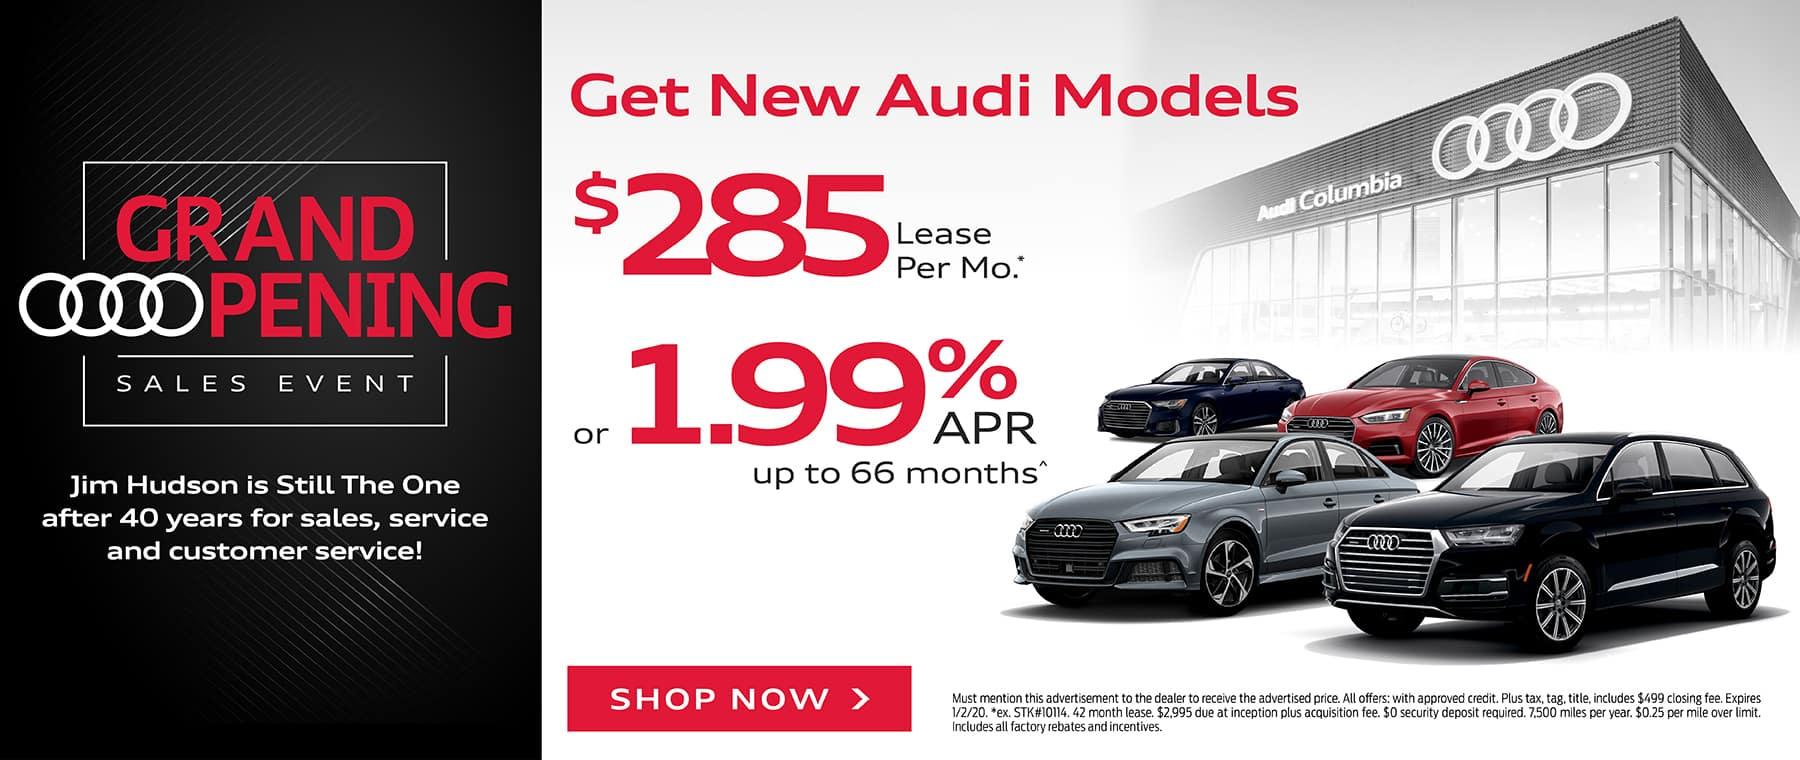 Get New Audi Models